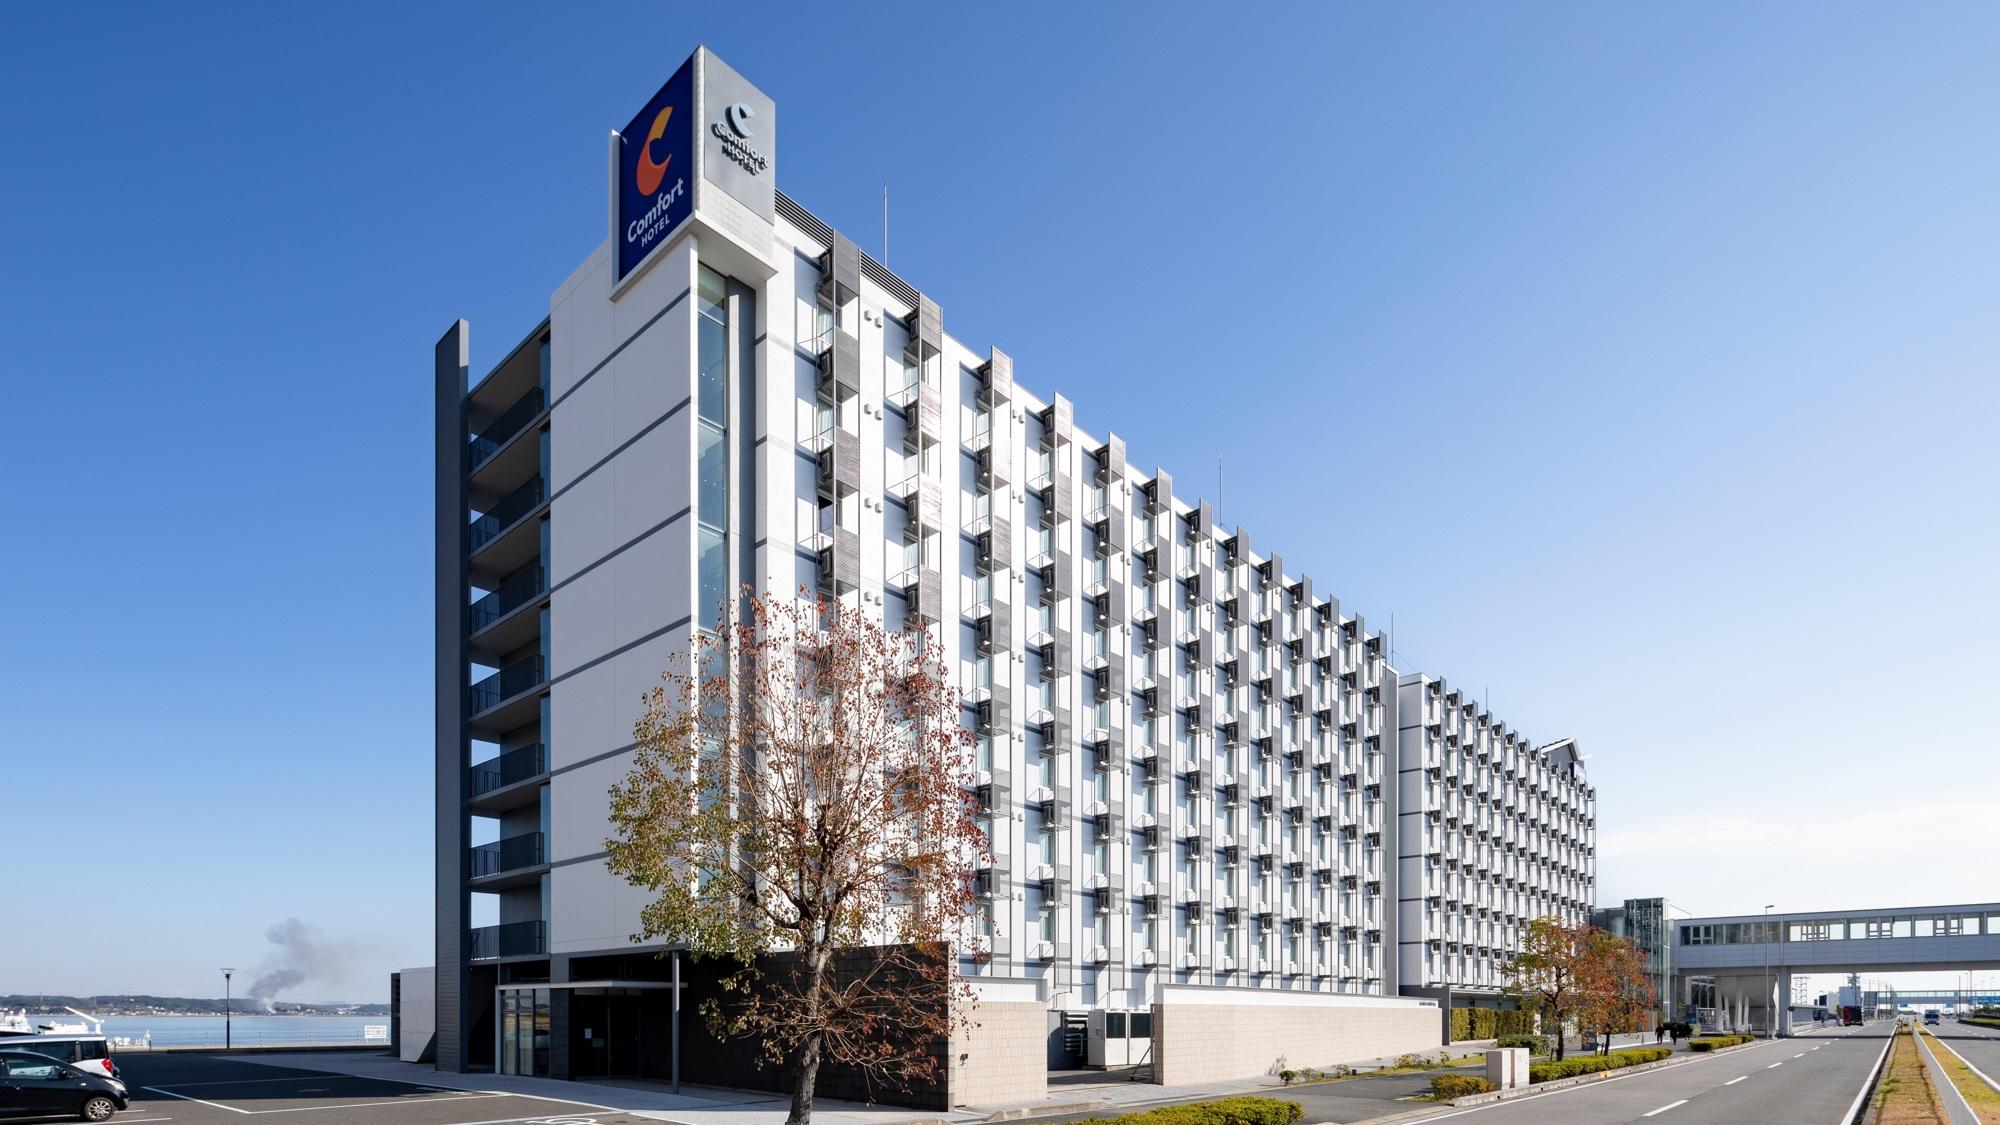 中部空港を早朝に出発する際の安いホテル